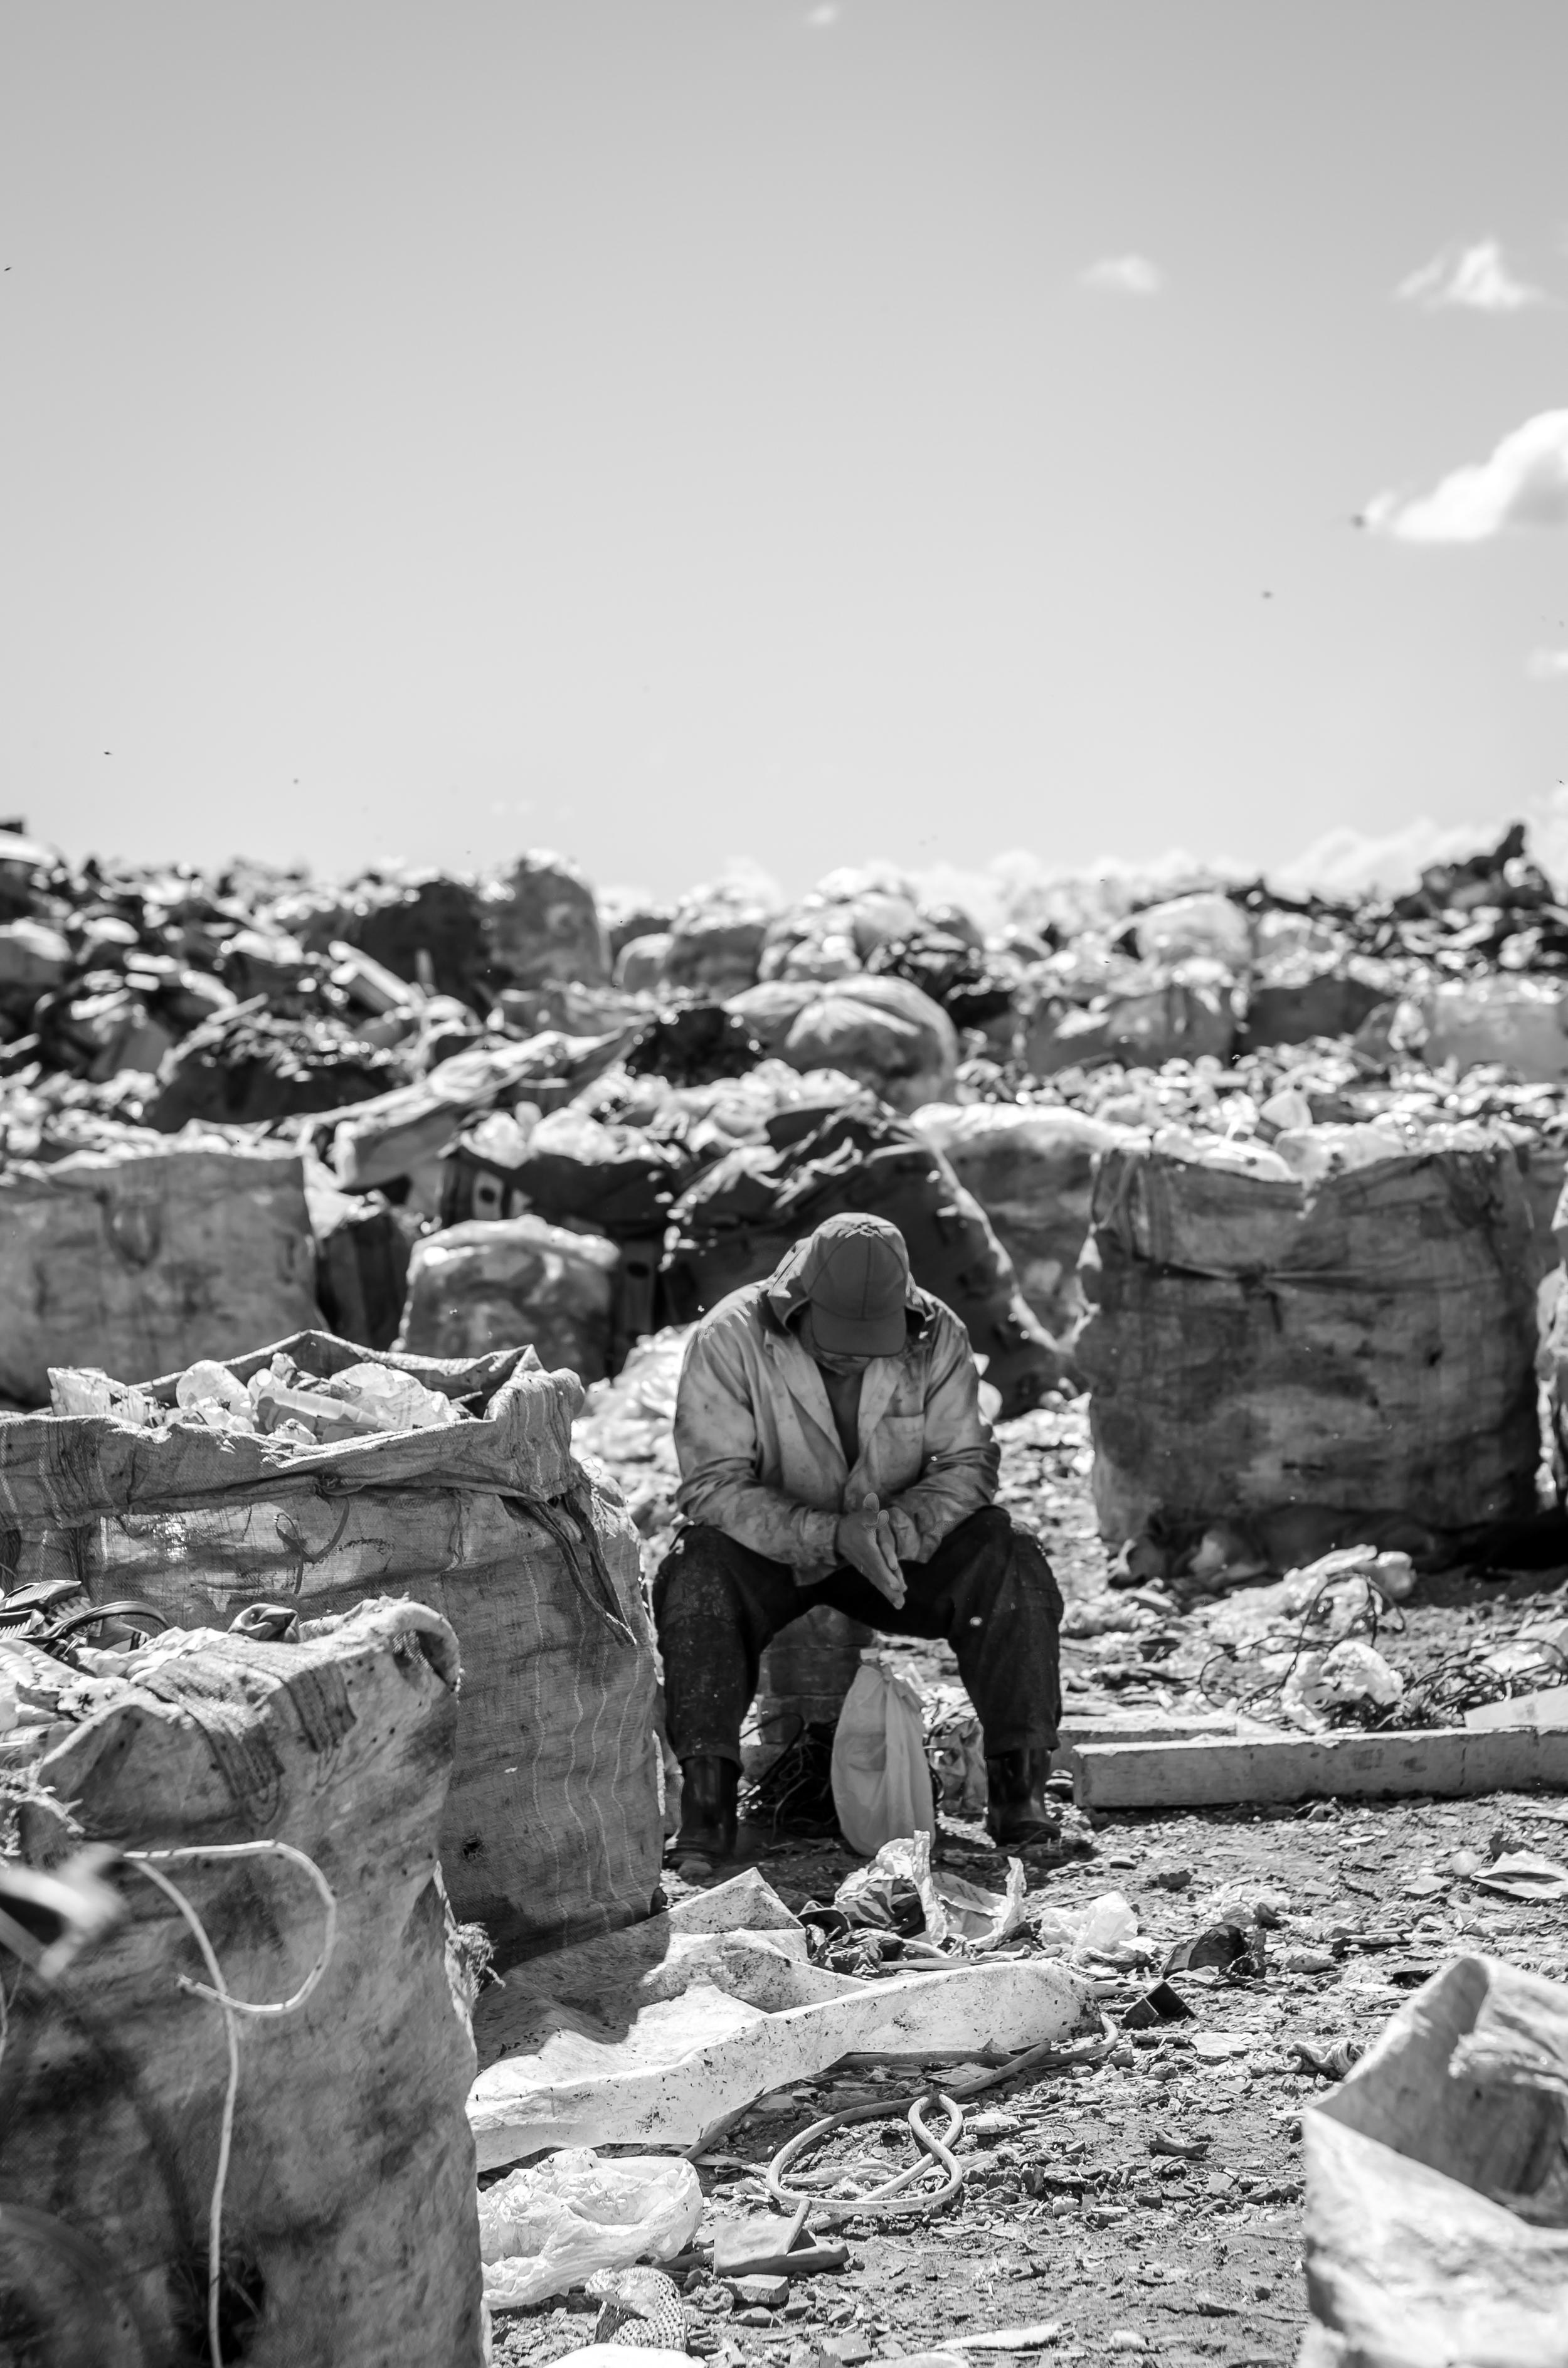 The dump just outside of Brasilia.